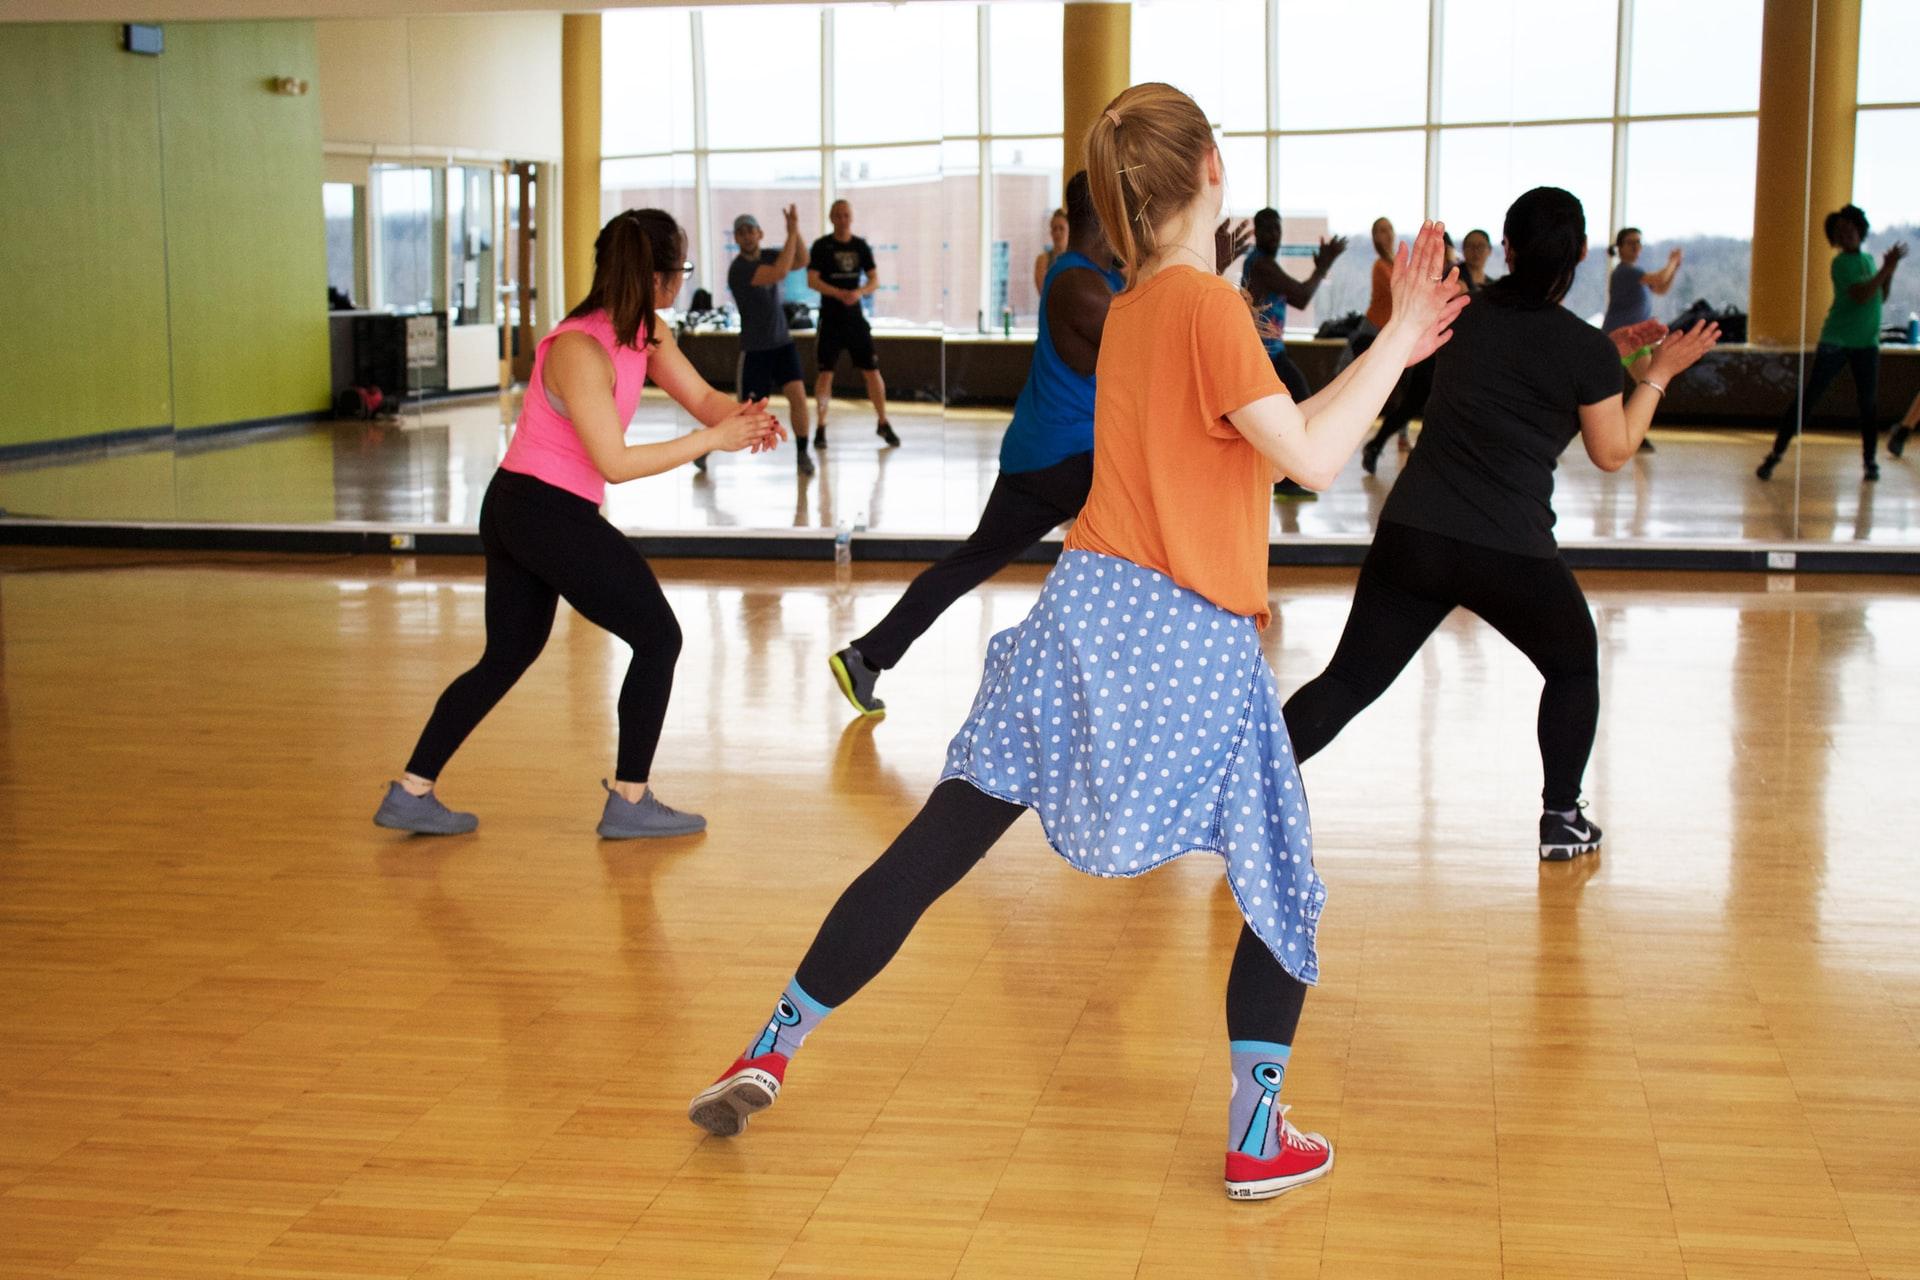 ejercicio se puede hacer en la menopausia